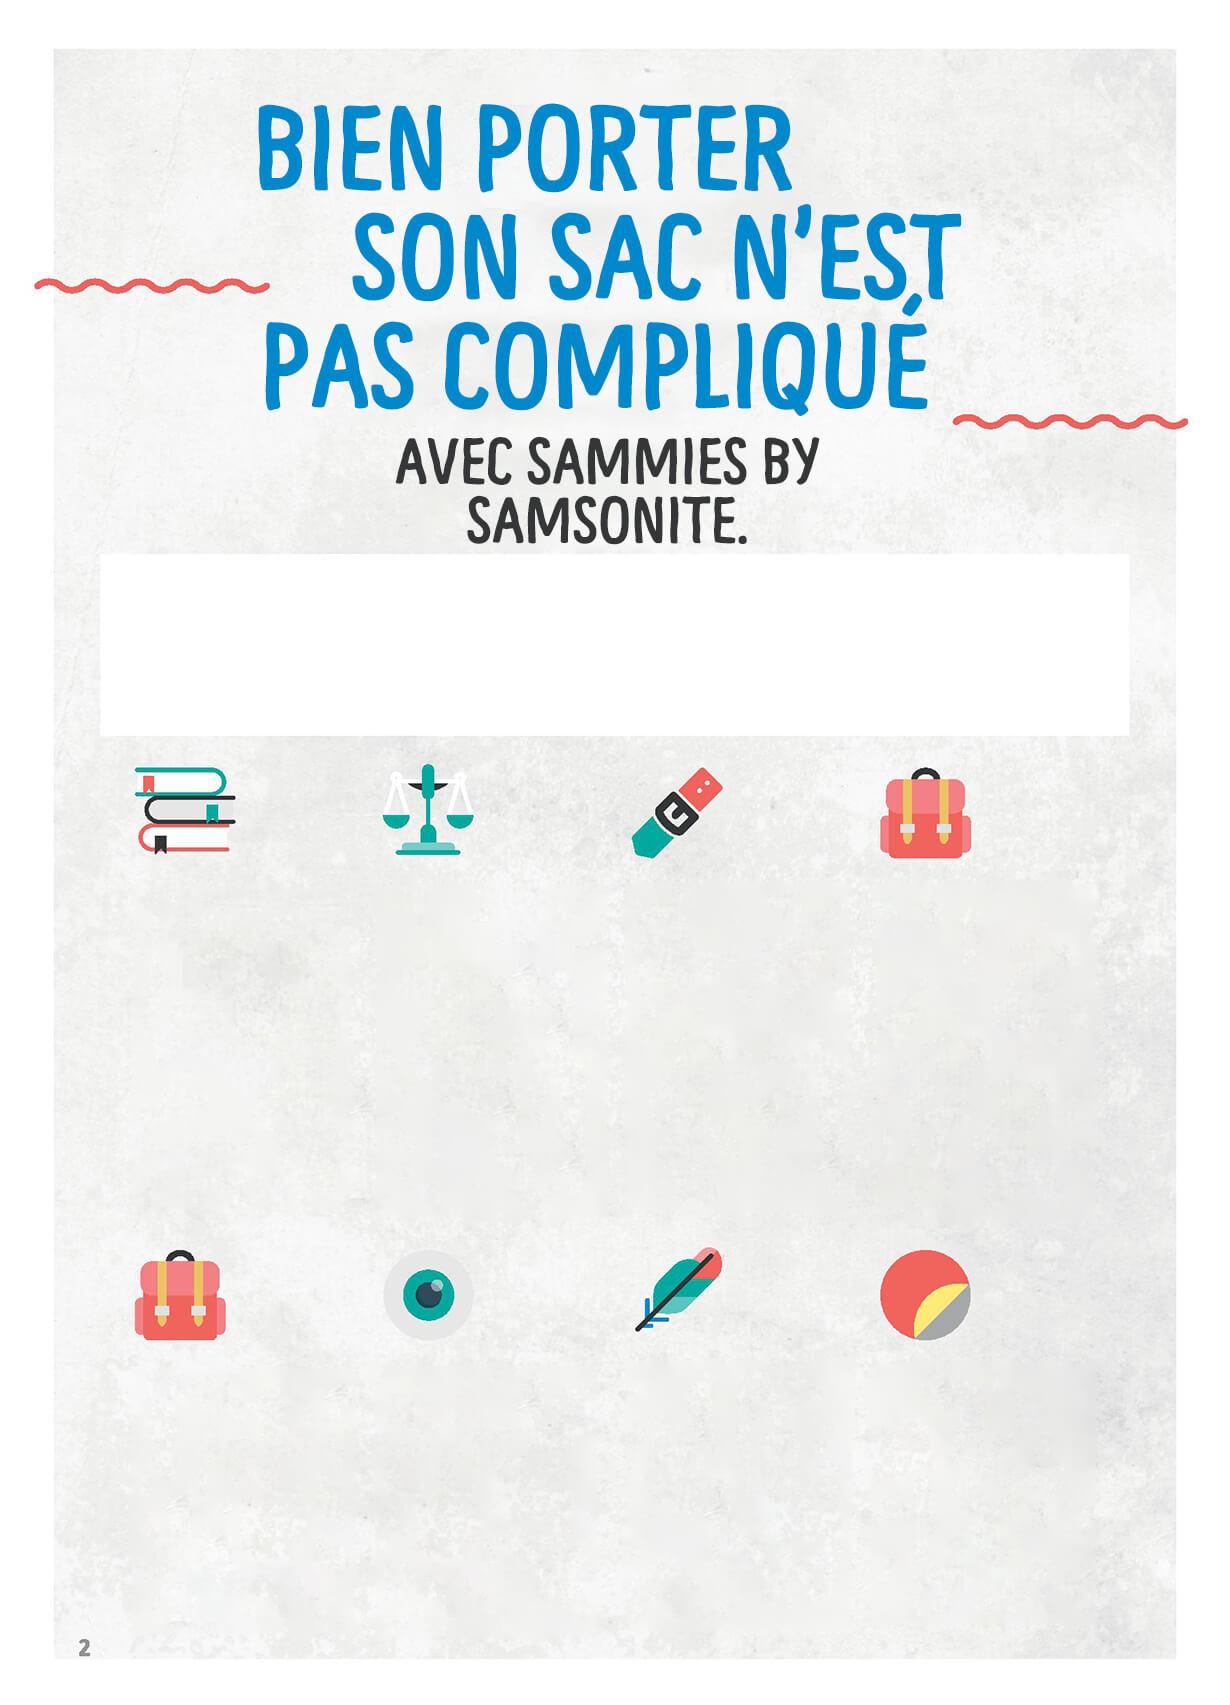 Bien porter son sac n'est pas compliqué - Avec Sammies by Samsonite.